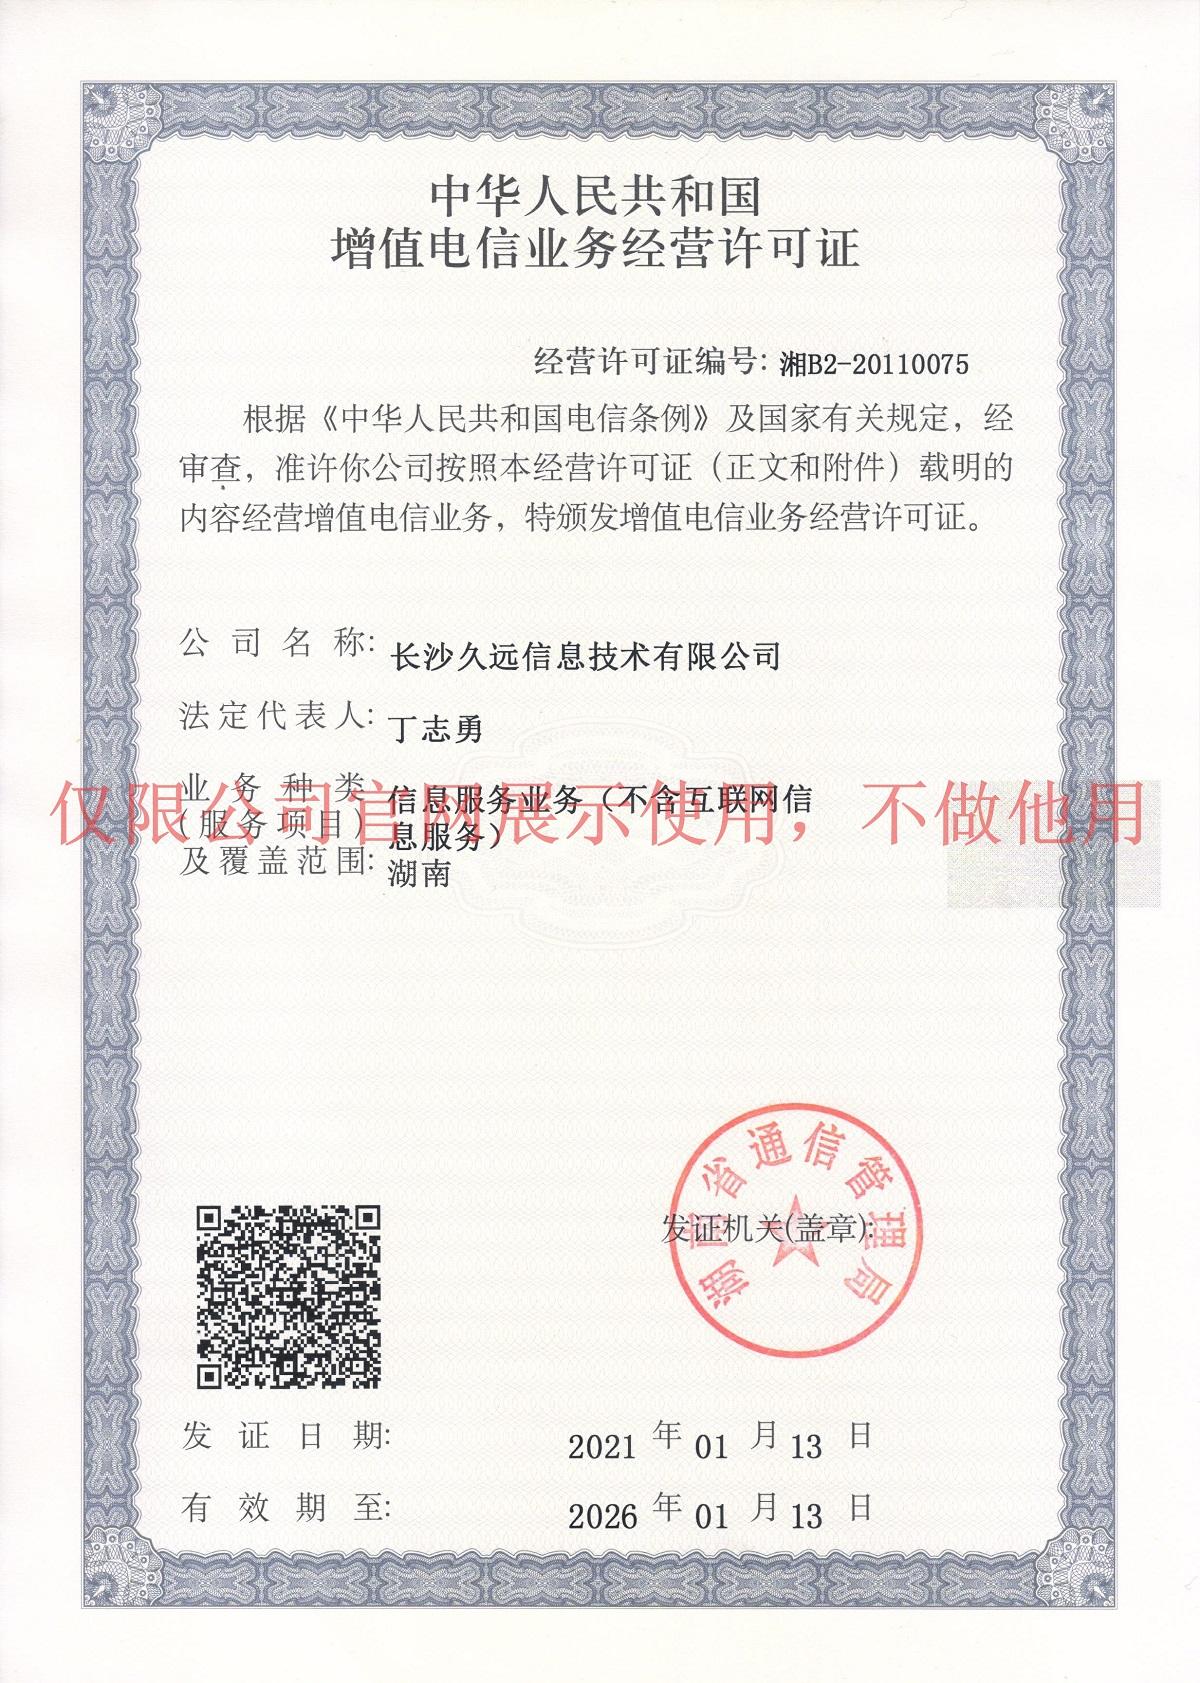 增值电信业务许可证.jpg